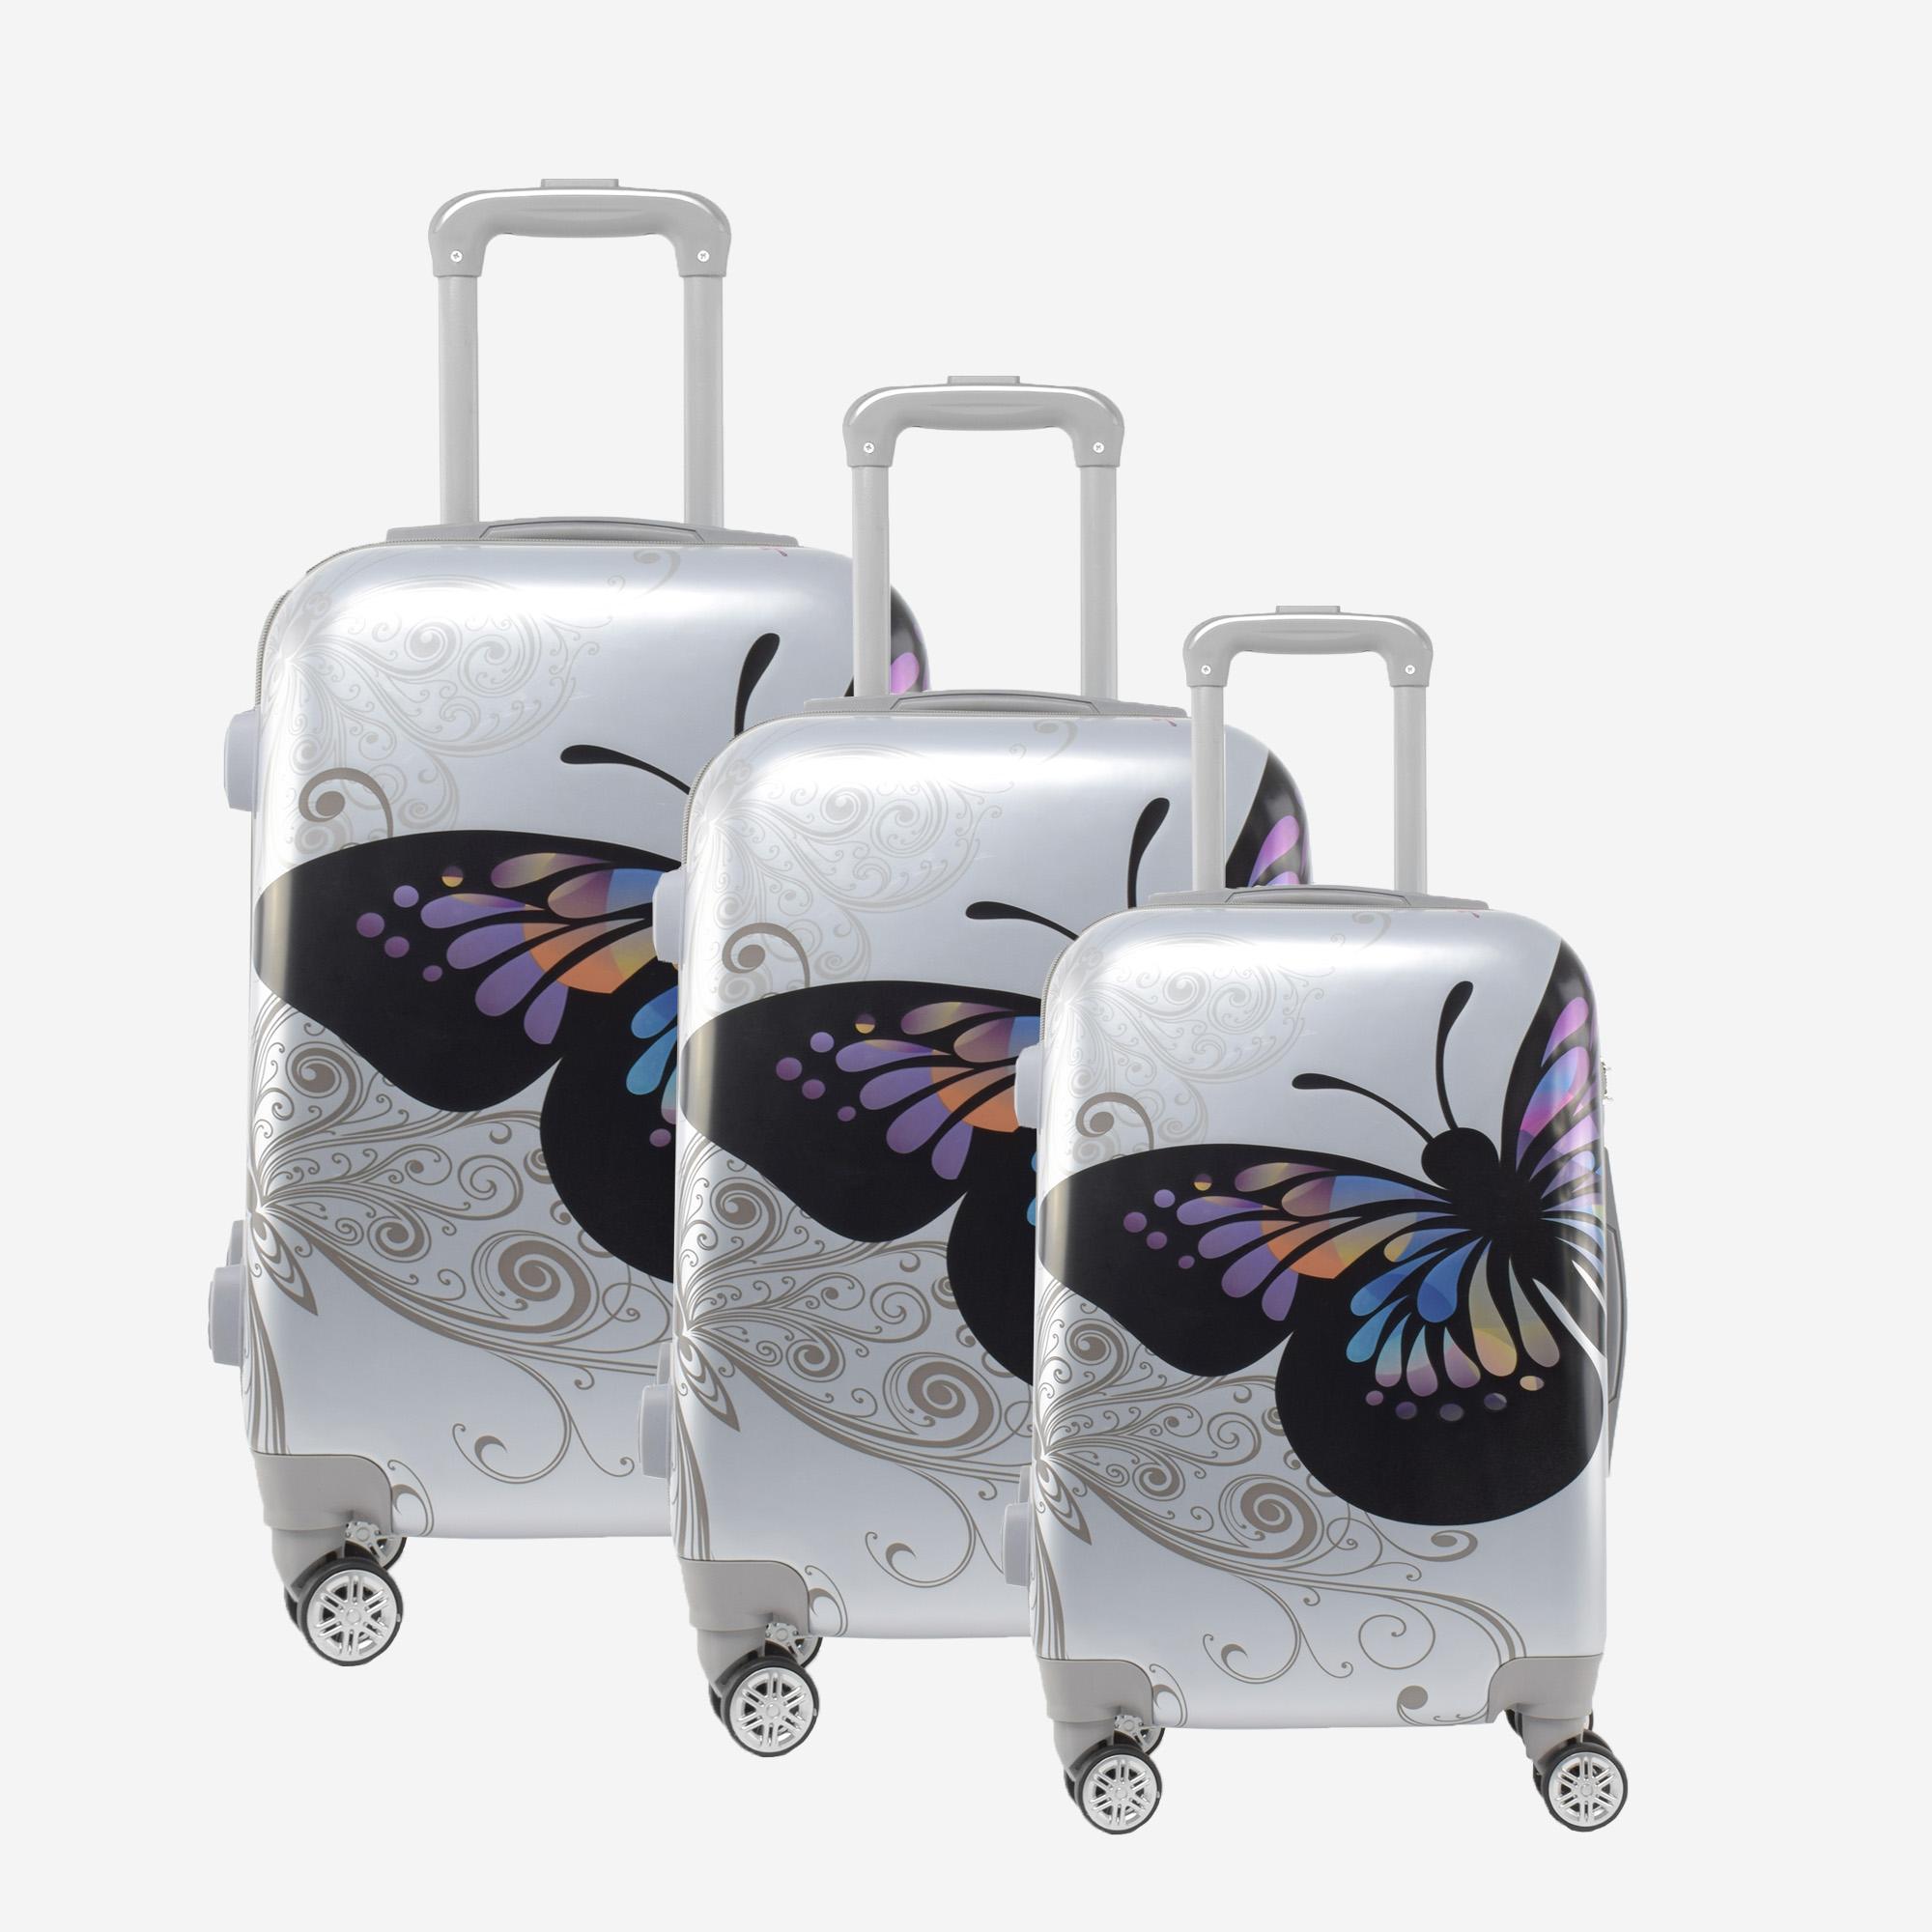 cc5120bb9a04 Ormi Ezüst Pillangós Kemény Bőrönd Szett - BŐRÖND SZETTEK - Táska webáruház  - Minőségi táskák mindenkinek